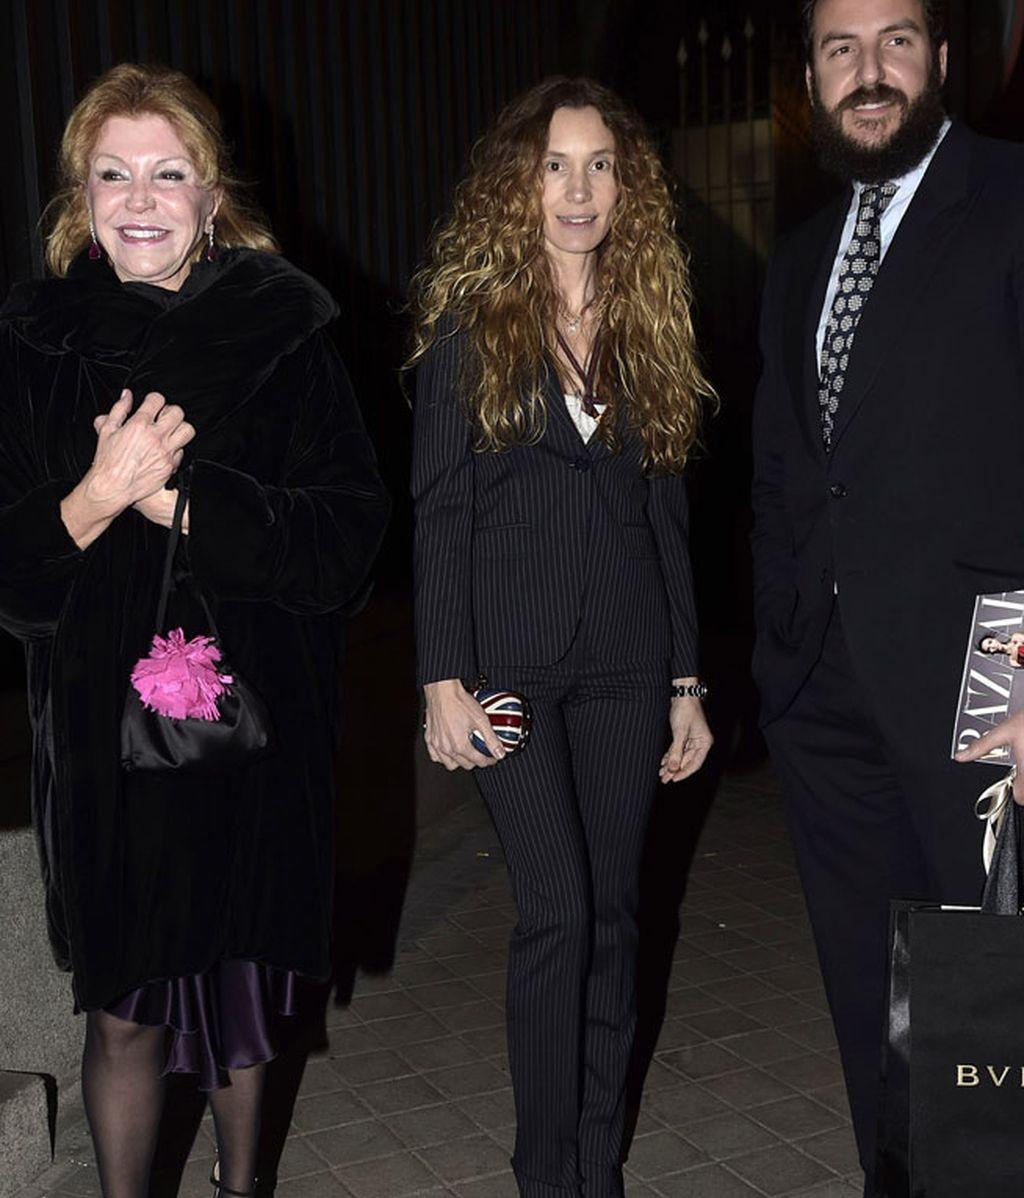 La baronesa Thyssen acudió junto a su hijo Borja y su nuera Blanca Cuesta